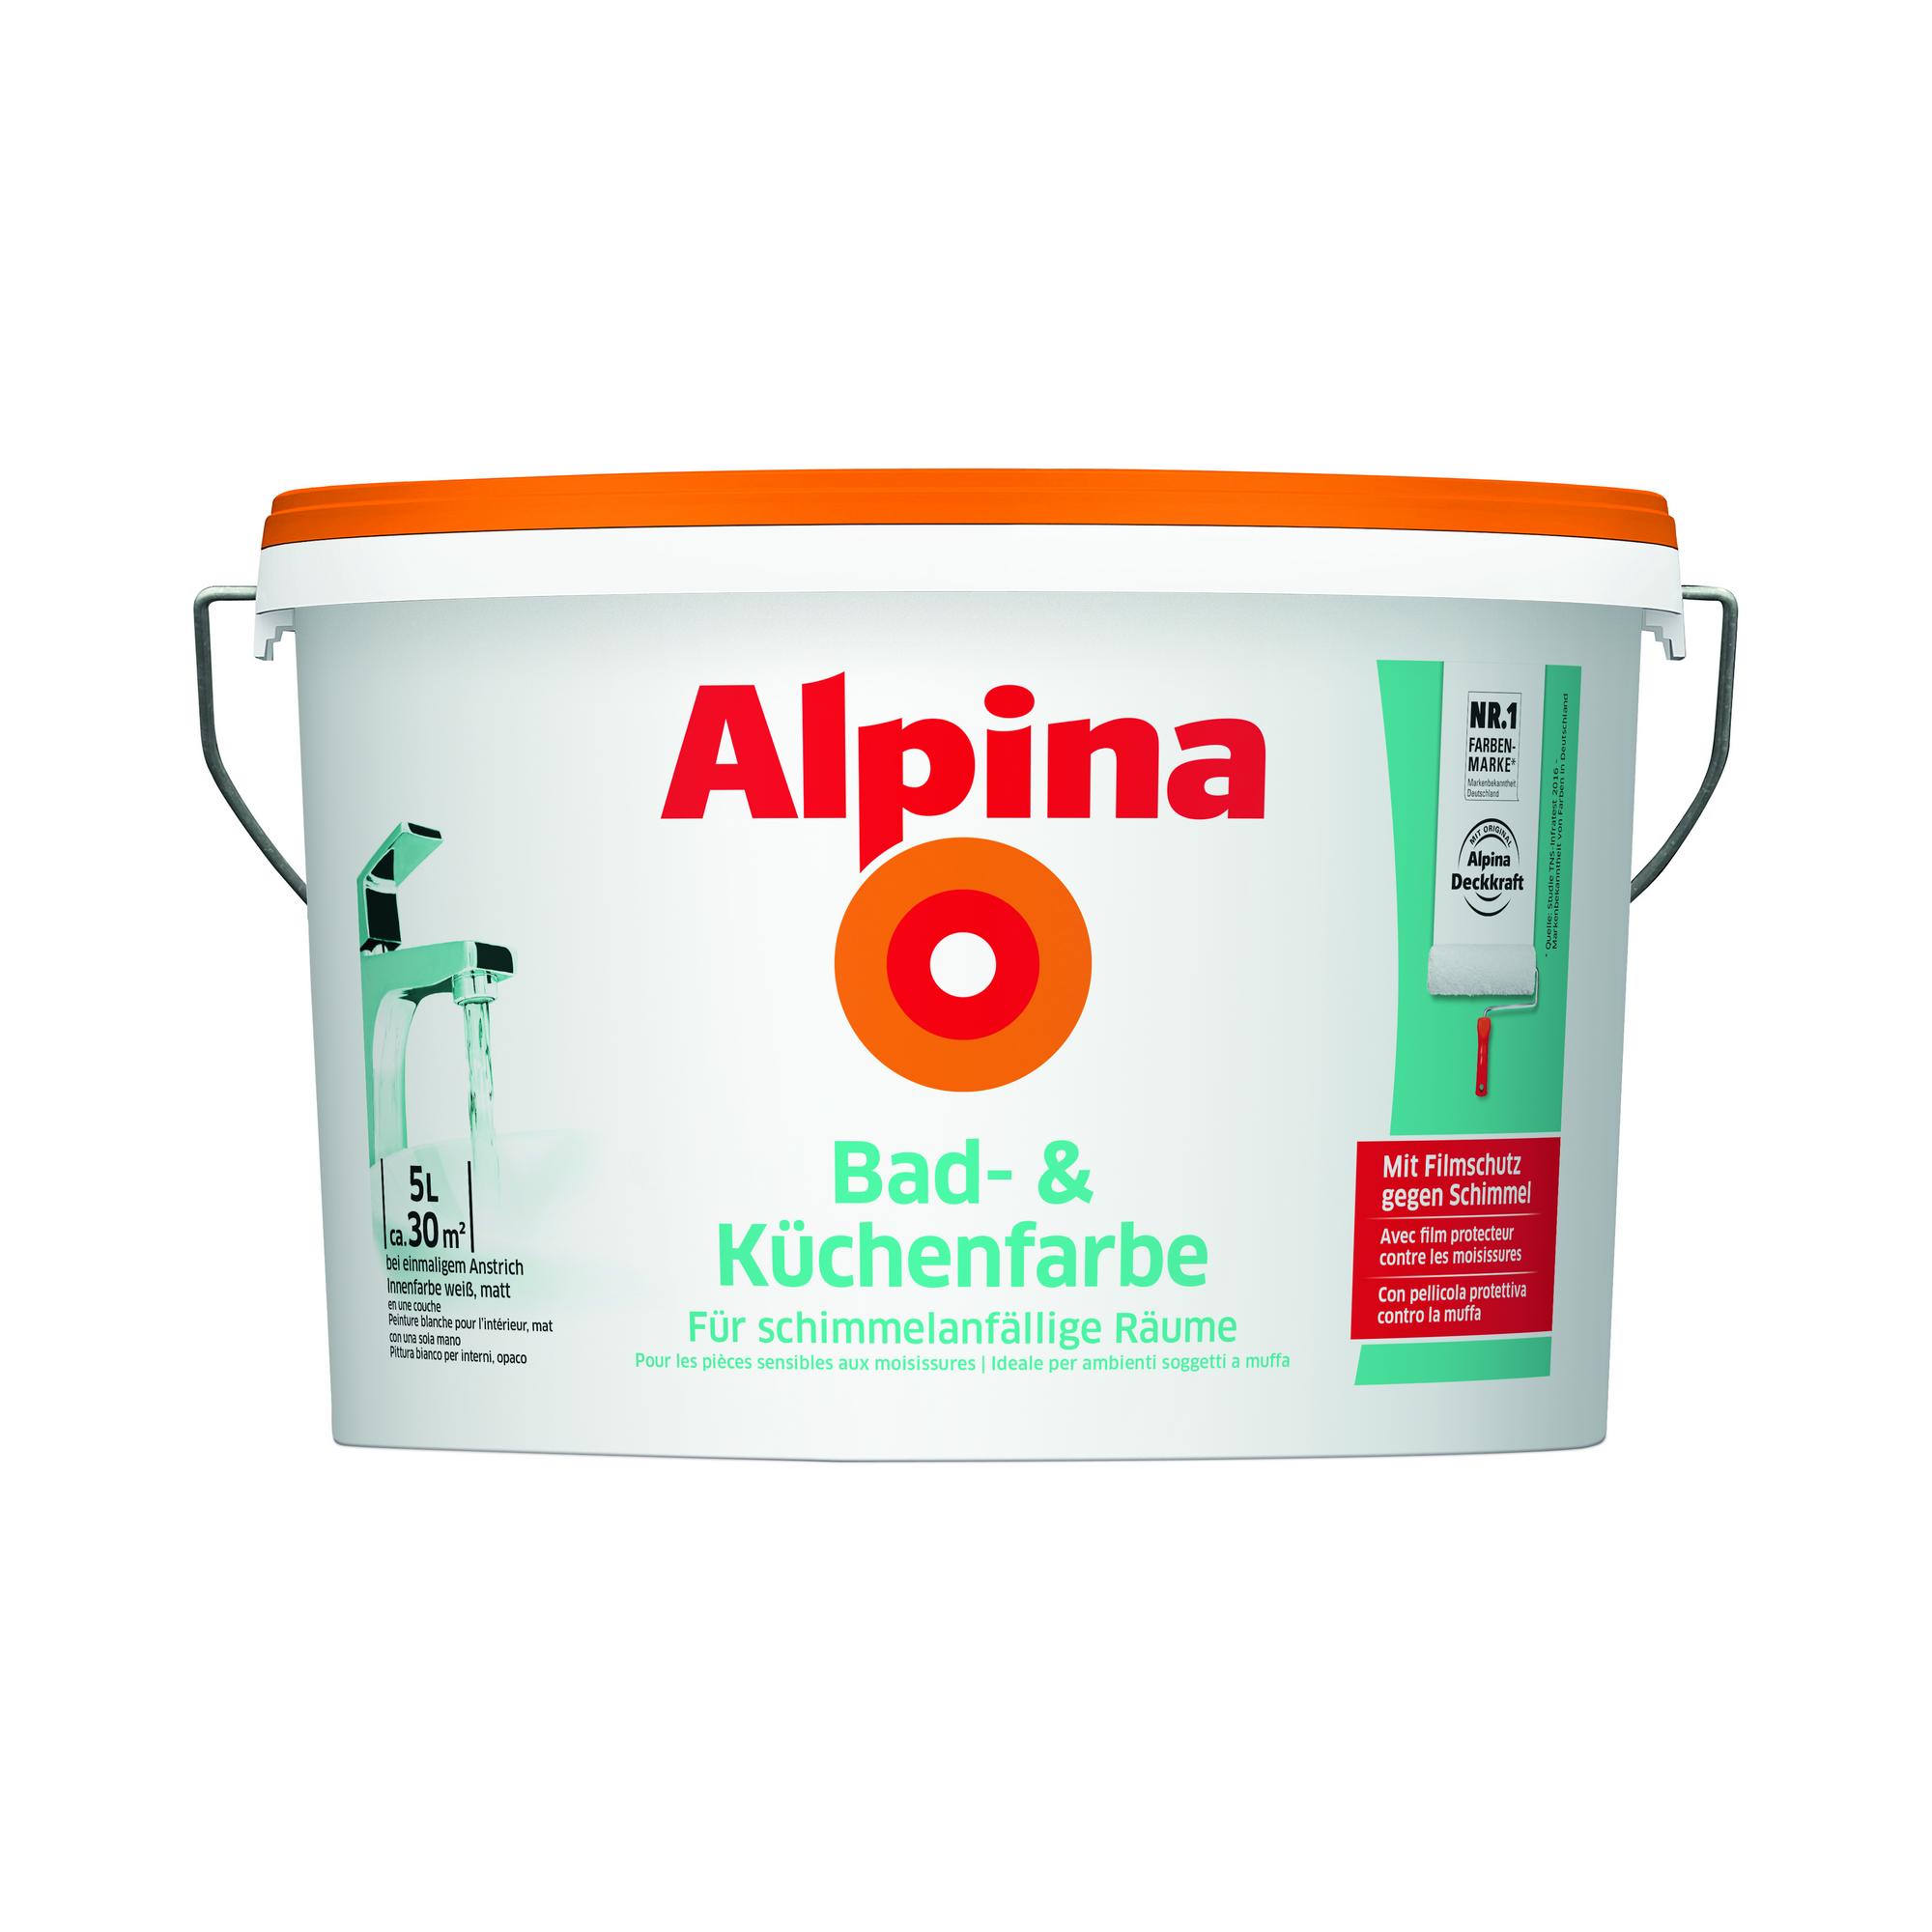 alpina bad und küchenfarbe 5 l ǀ toom baumarkt